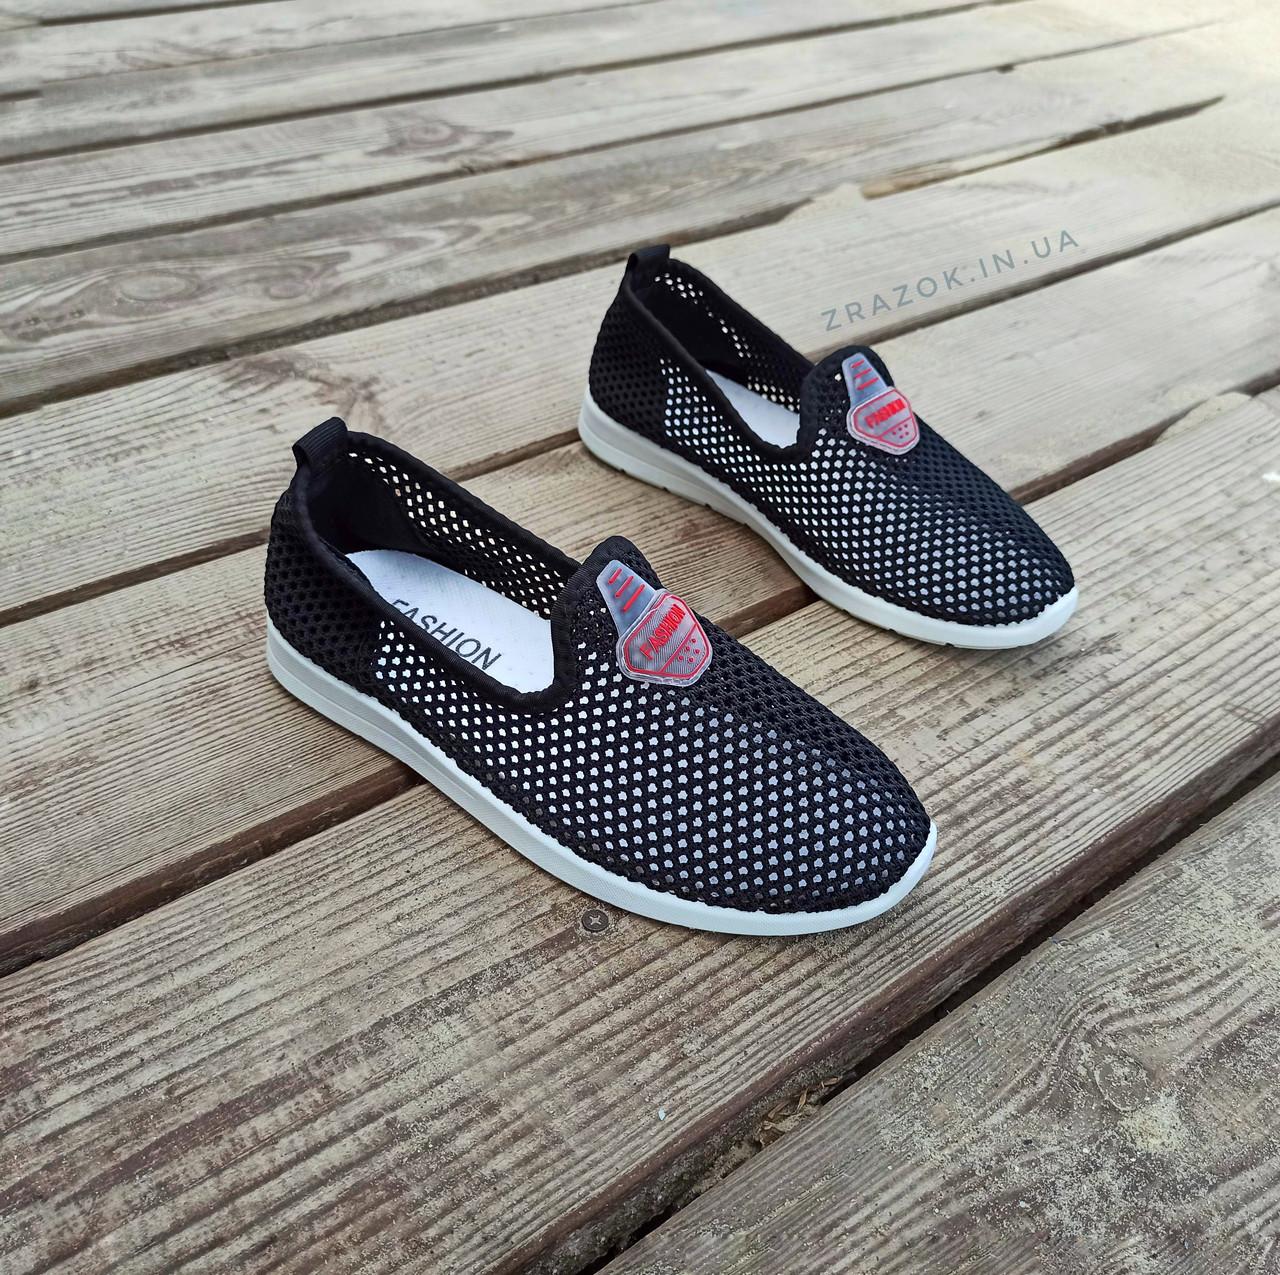 Сліпони чорні мокасини літні кросівки сітка текстиль жіночі легкі сліпони чорні кросівки сітка арт 675